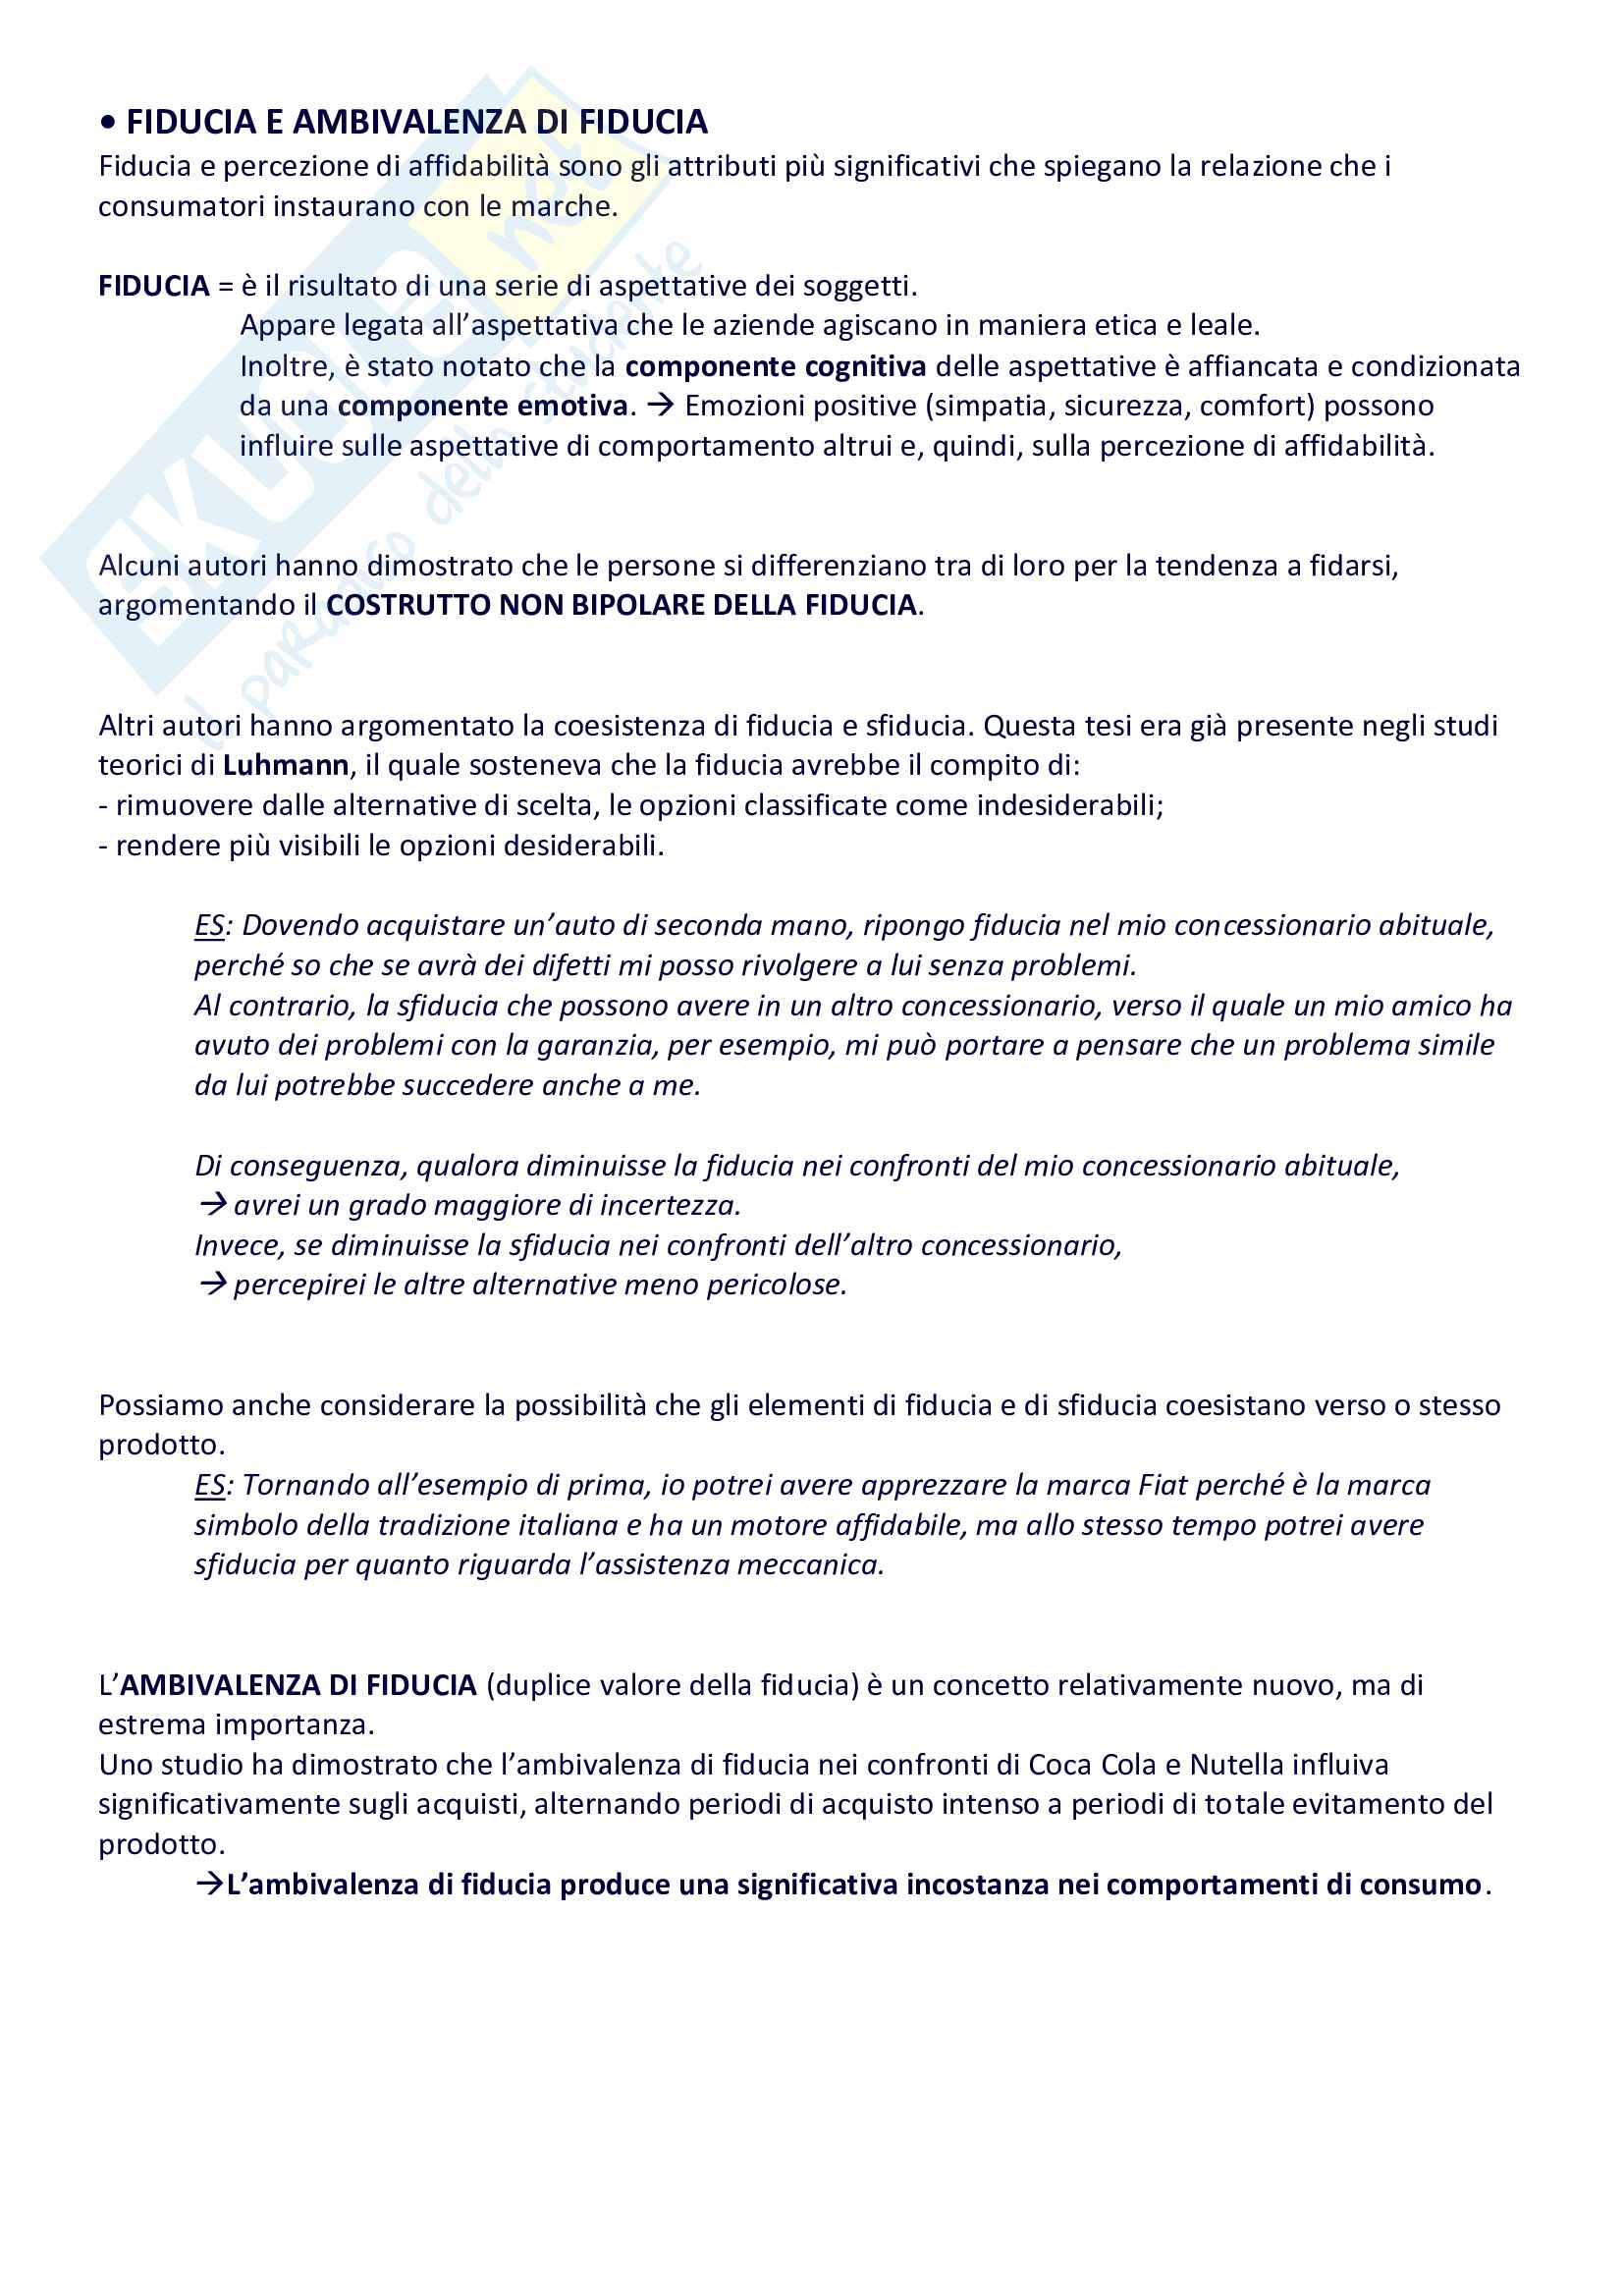 Psicologia dei consumi e neuromarketing Pag. 6